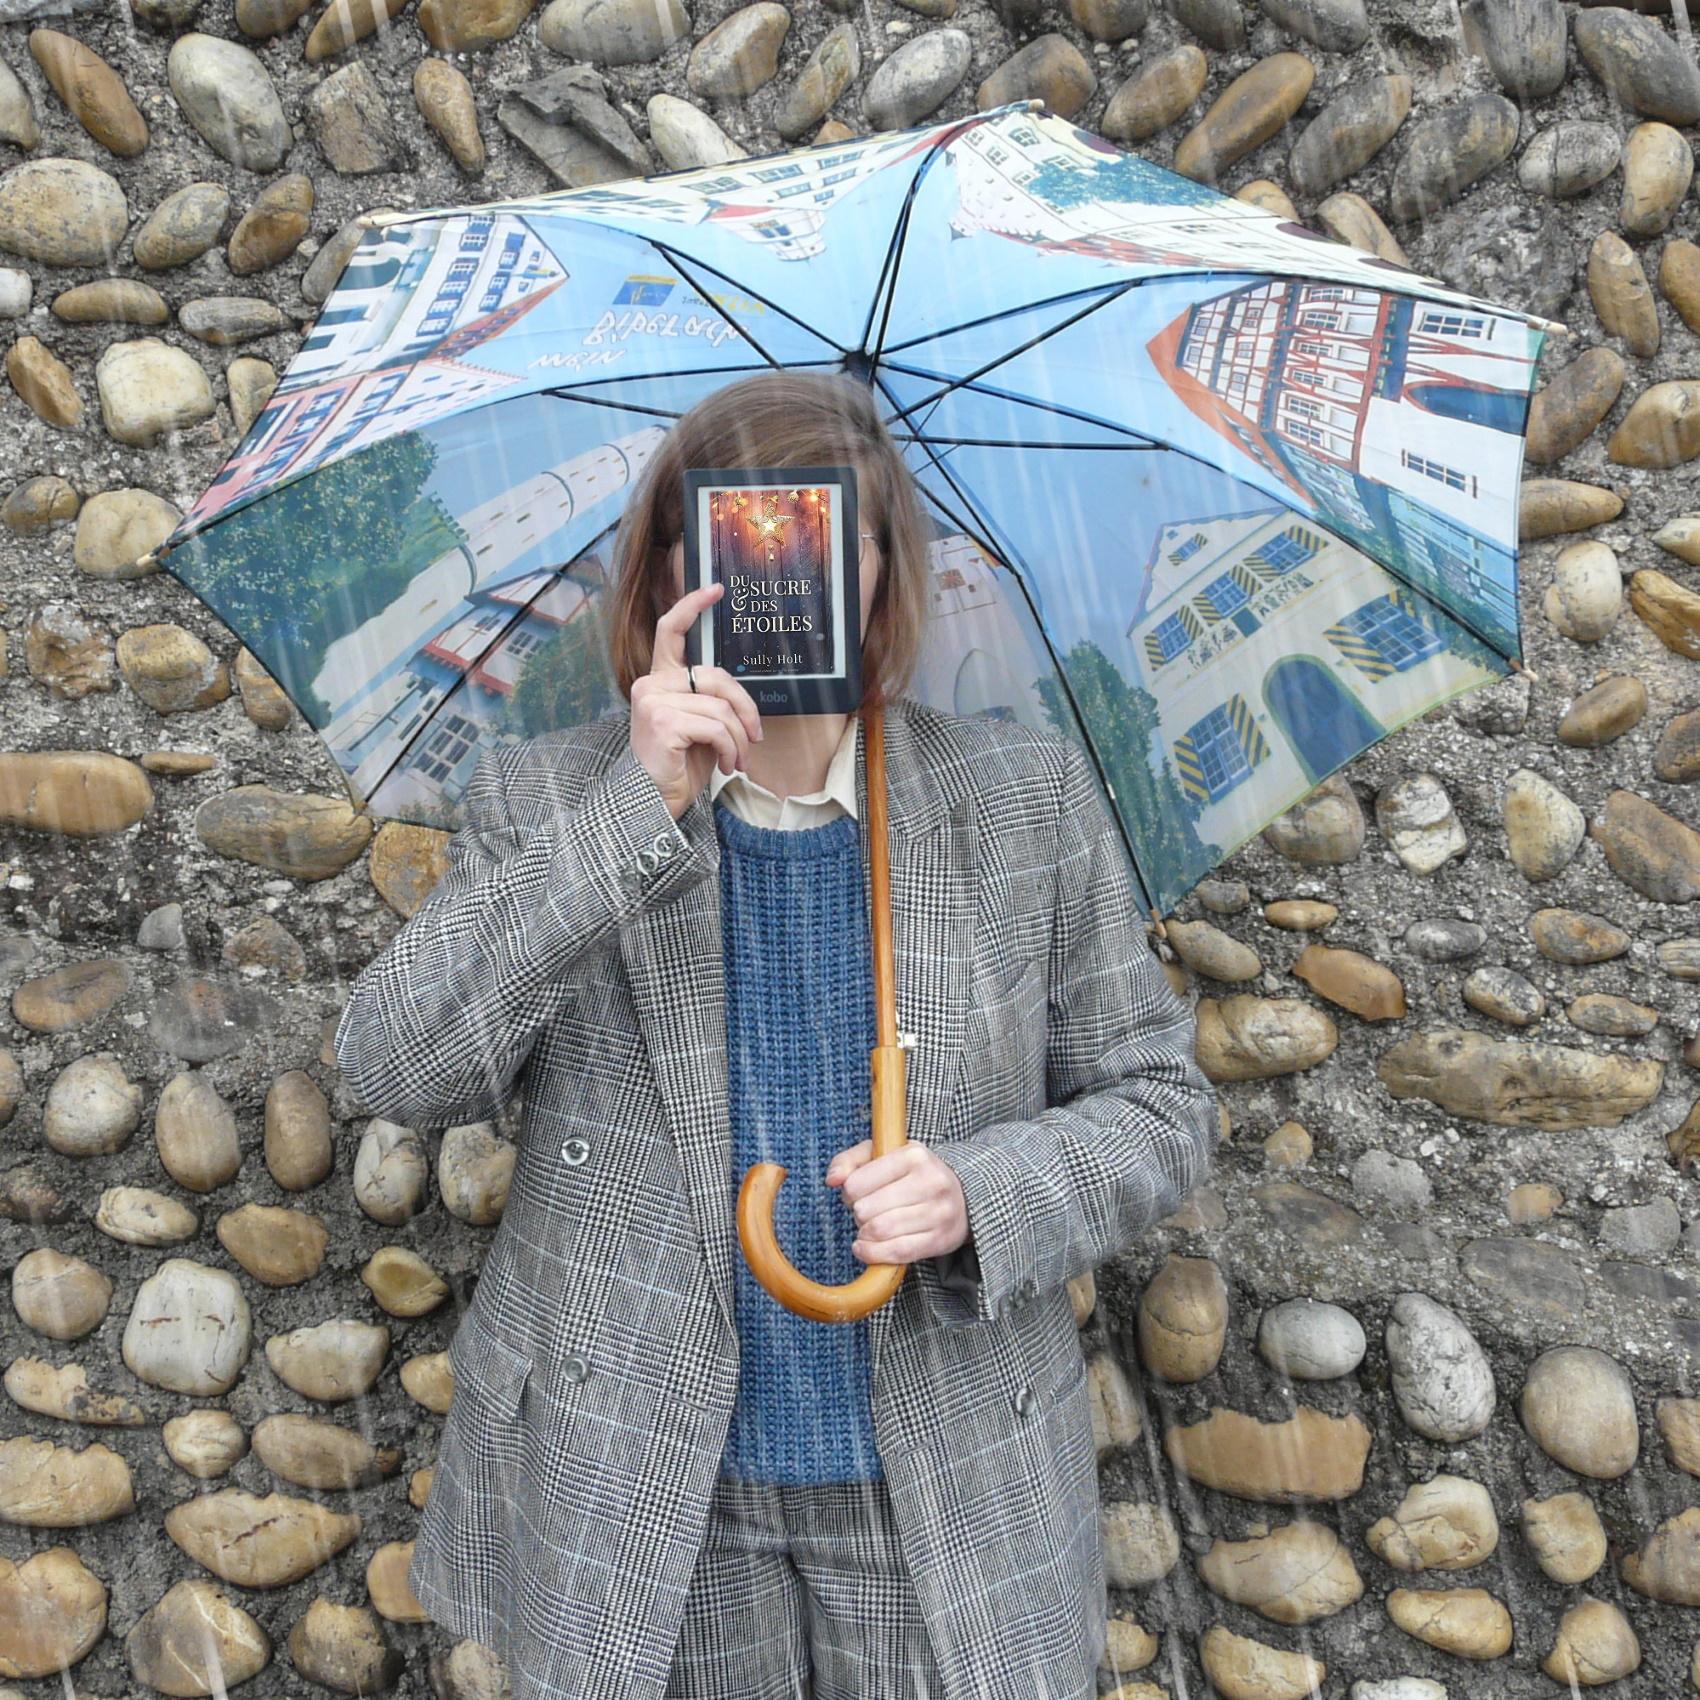 personne en costume gris lisant Du Sucre et des Etoiles sous la pluie, avec un parapluie motif bâtiments